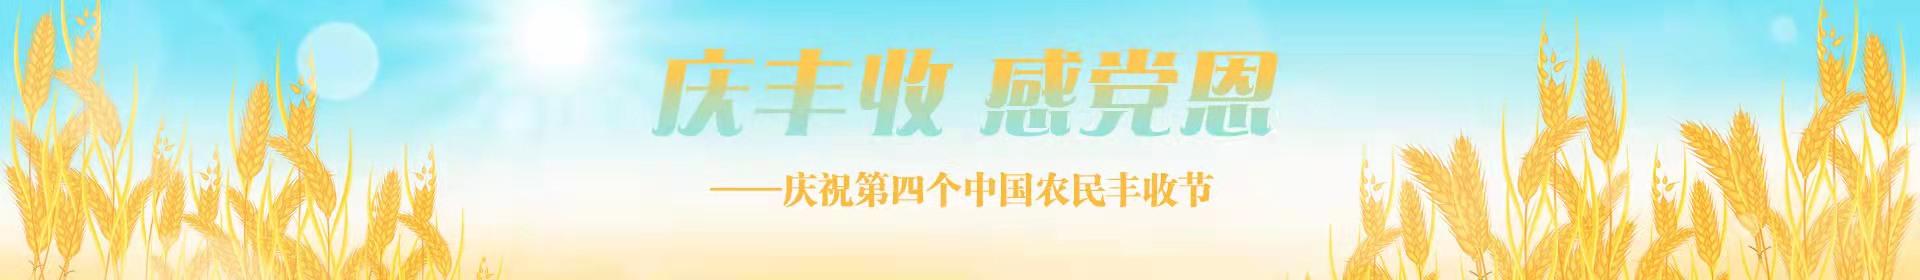 庆丰收 感党恩——庆祝第四个中国农民丰收节